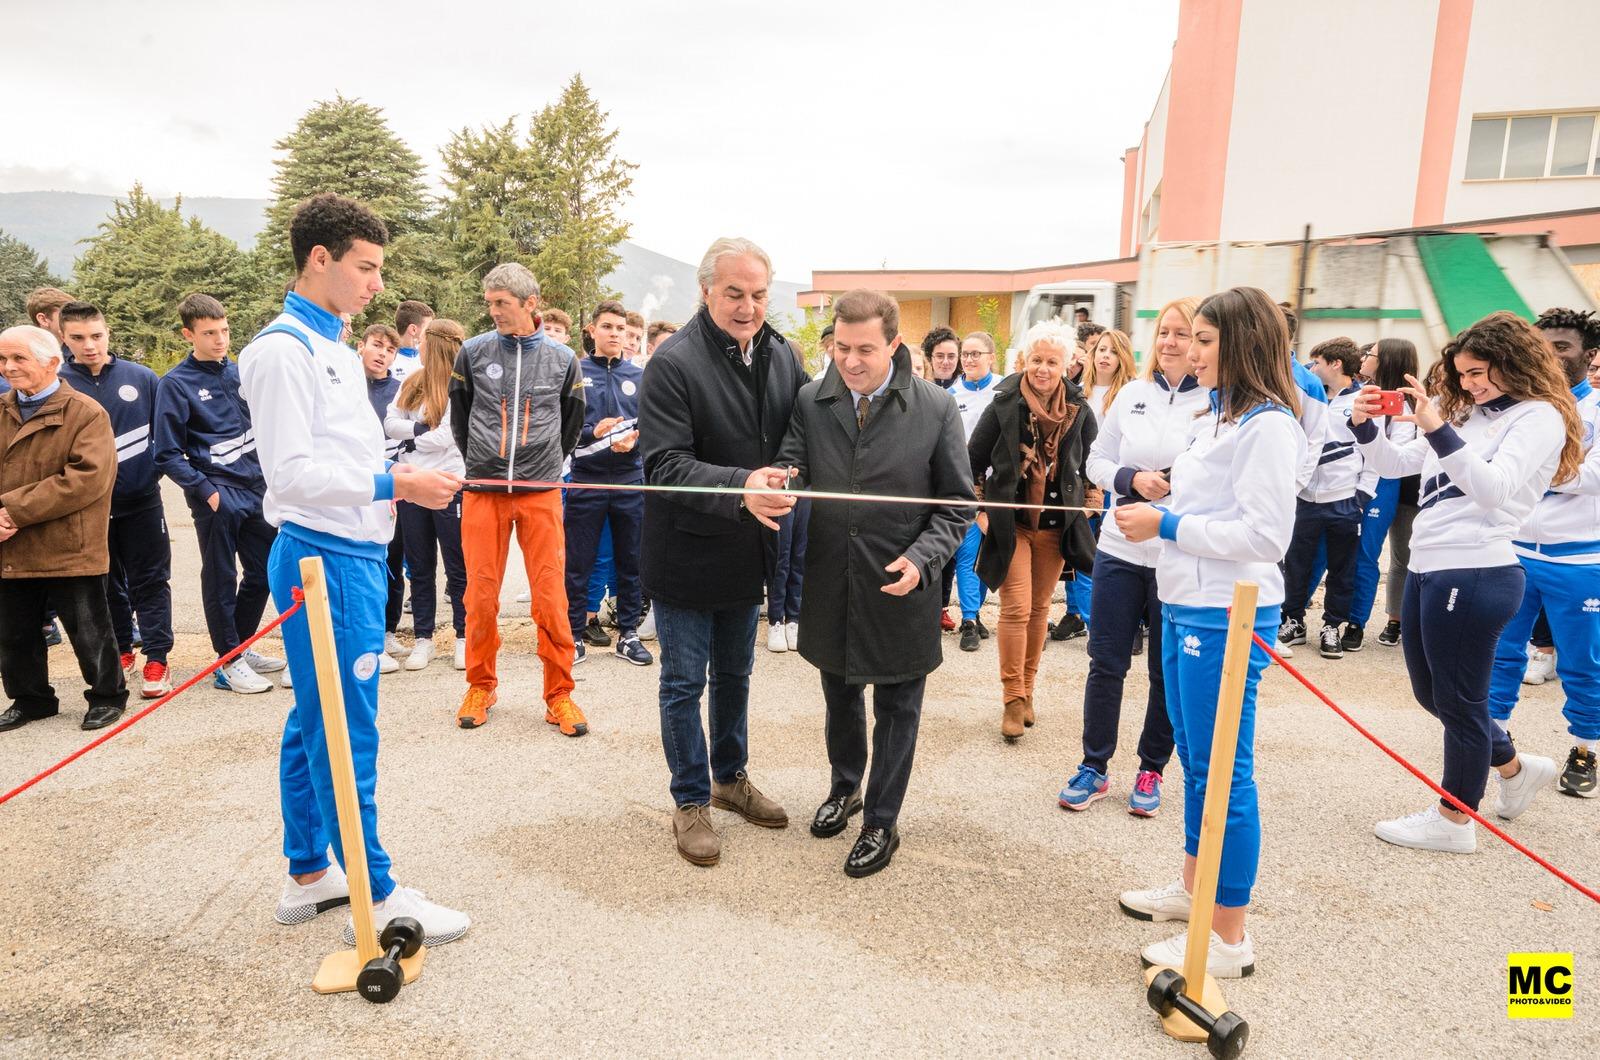 """Inaugurato l'impianto di arrampicata del Liceo Scientifico """"Vitruvio Pollione"""" di Avezzano"""